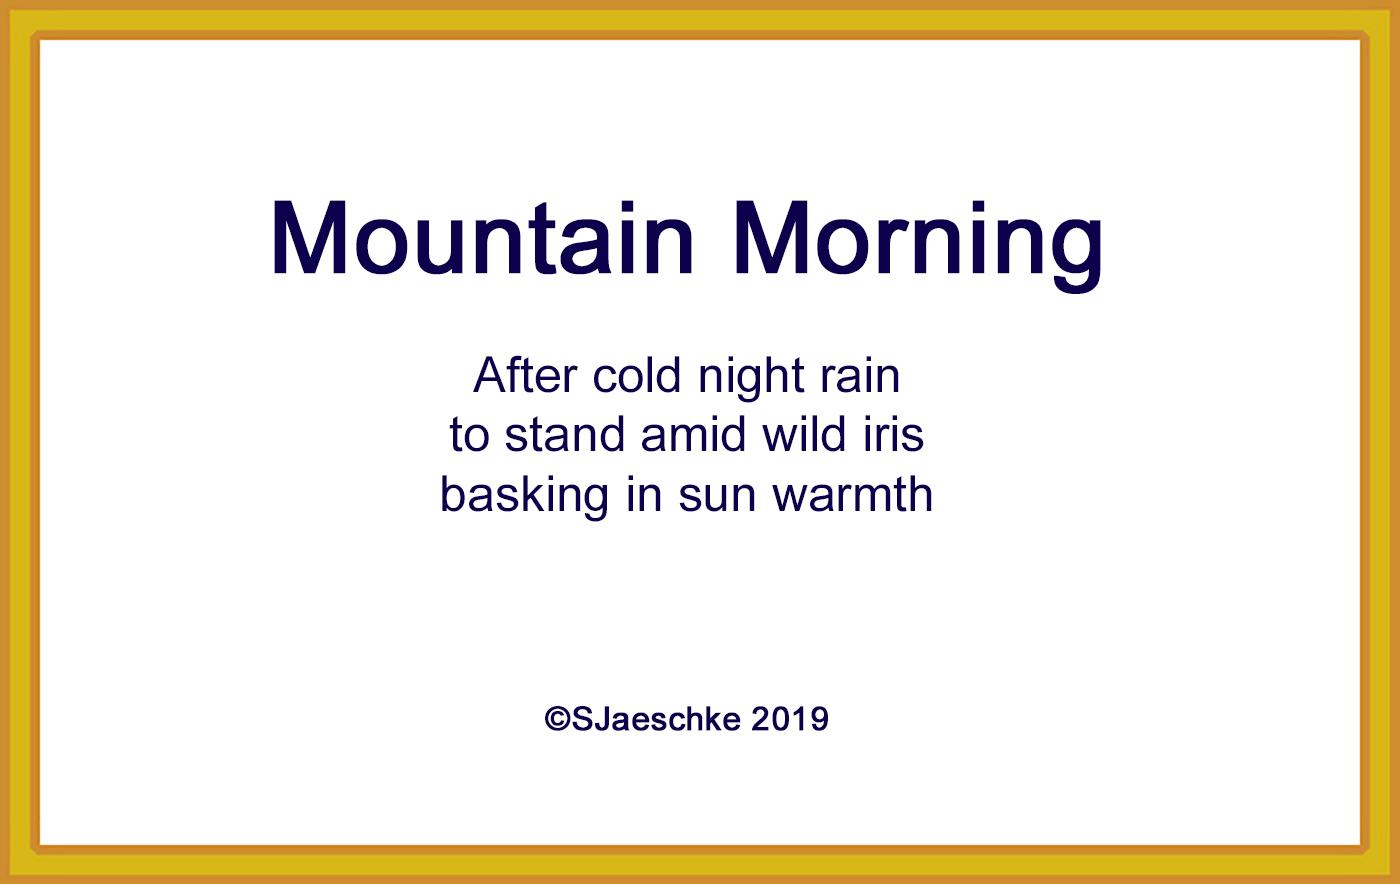 Post_2019-08-06_Poem_MountainMorning